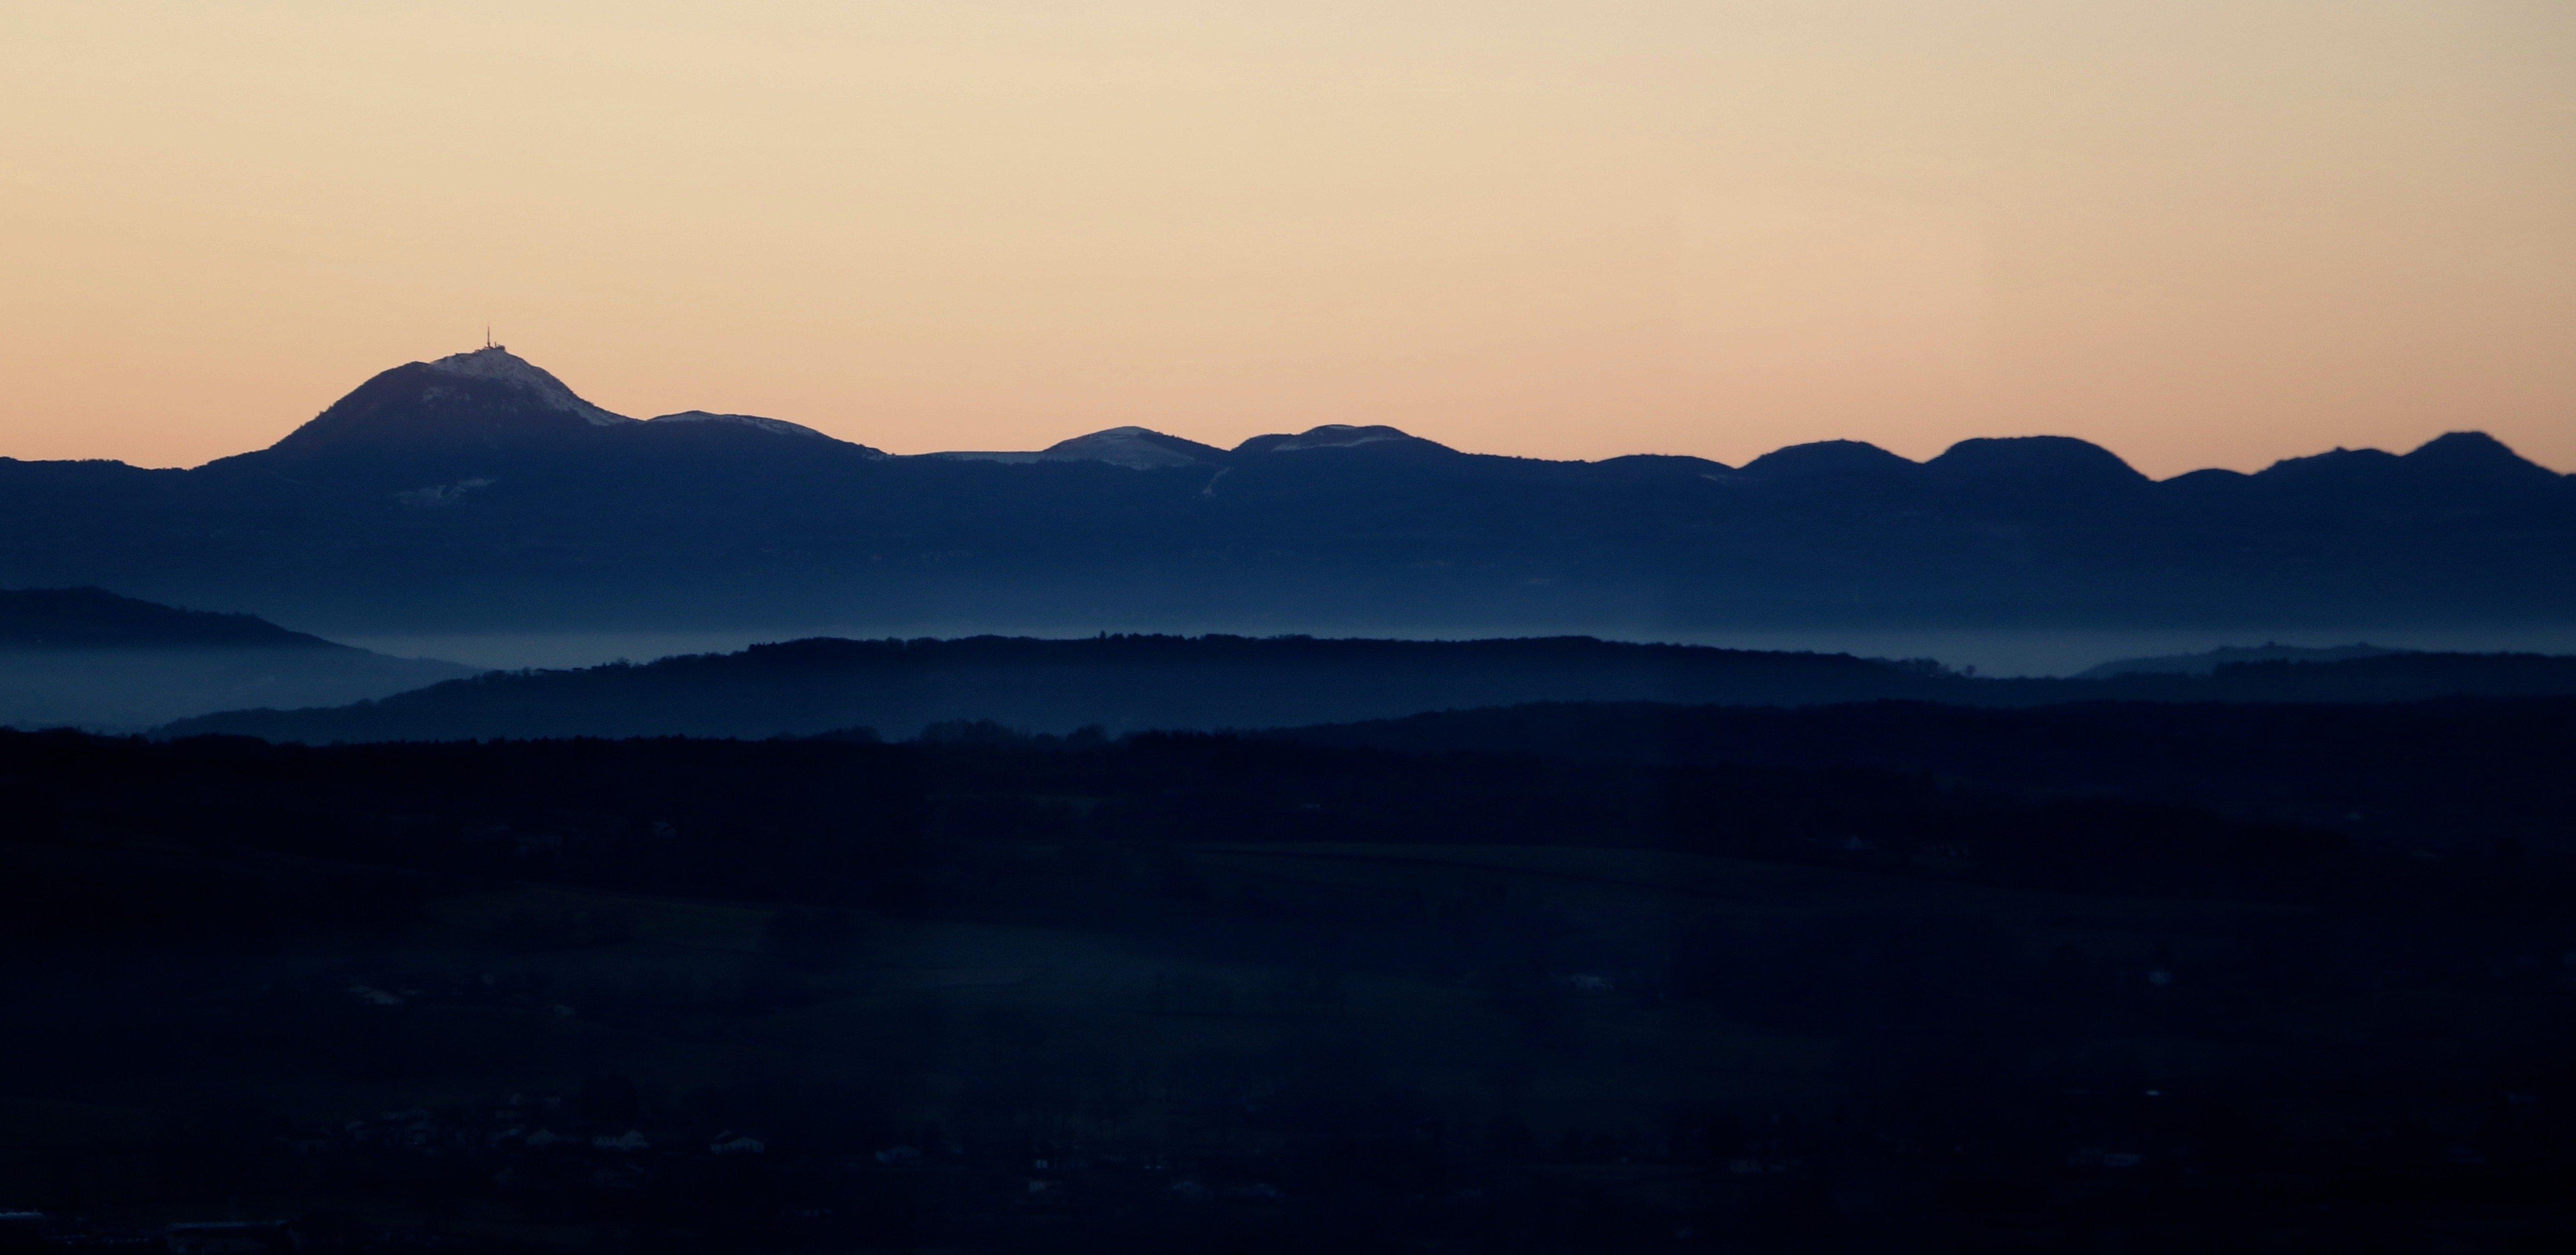 Puy de dome après coucher de soleil